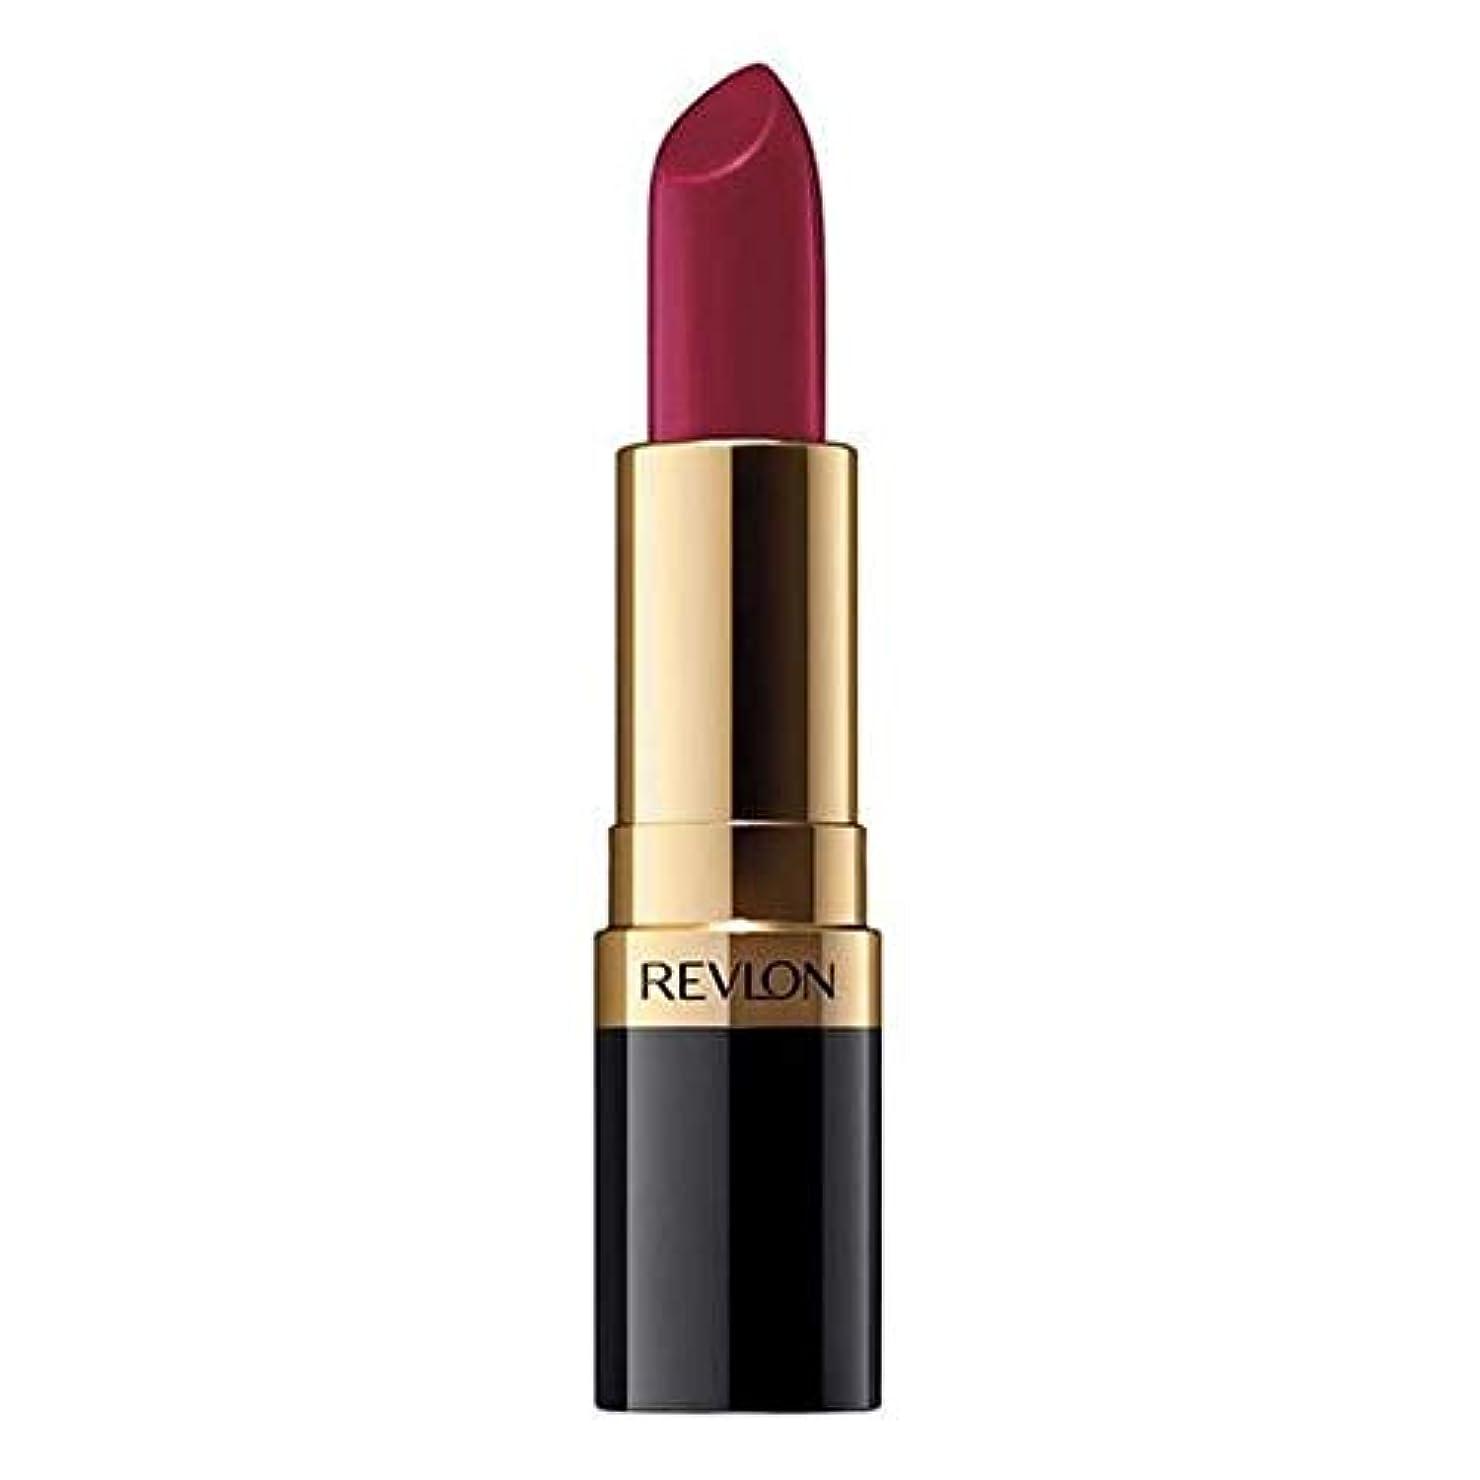 レトルト気性レイアウト[Revlon ] 赤レブロンSuperlustrous口紅爆弾 - Revlon SuperLustrous Lipstick Bombshell Red [並行輸入品]